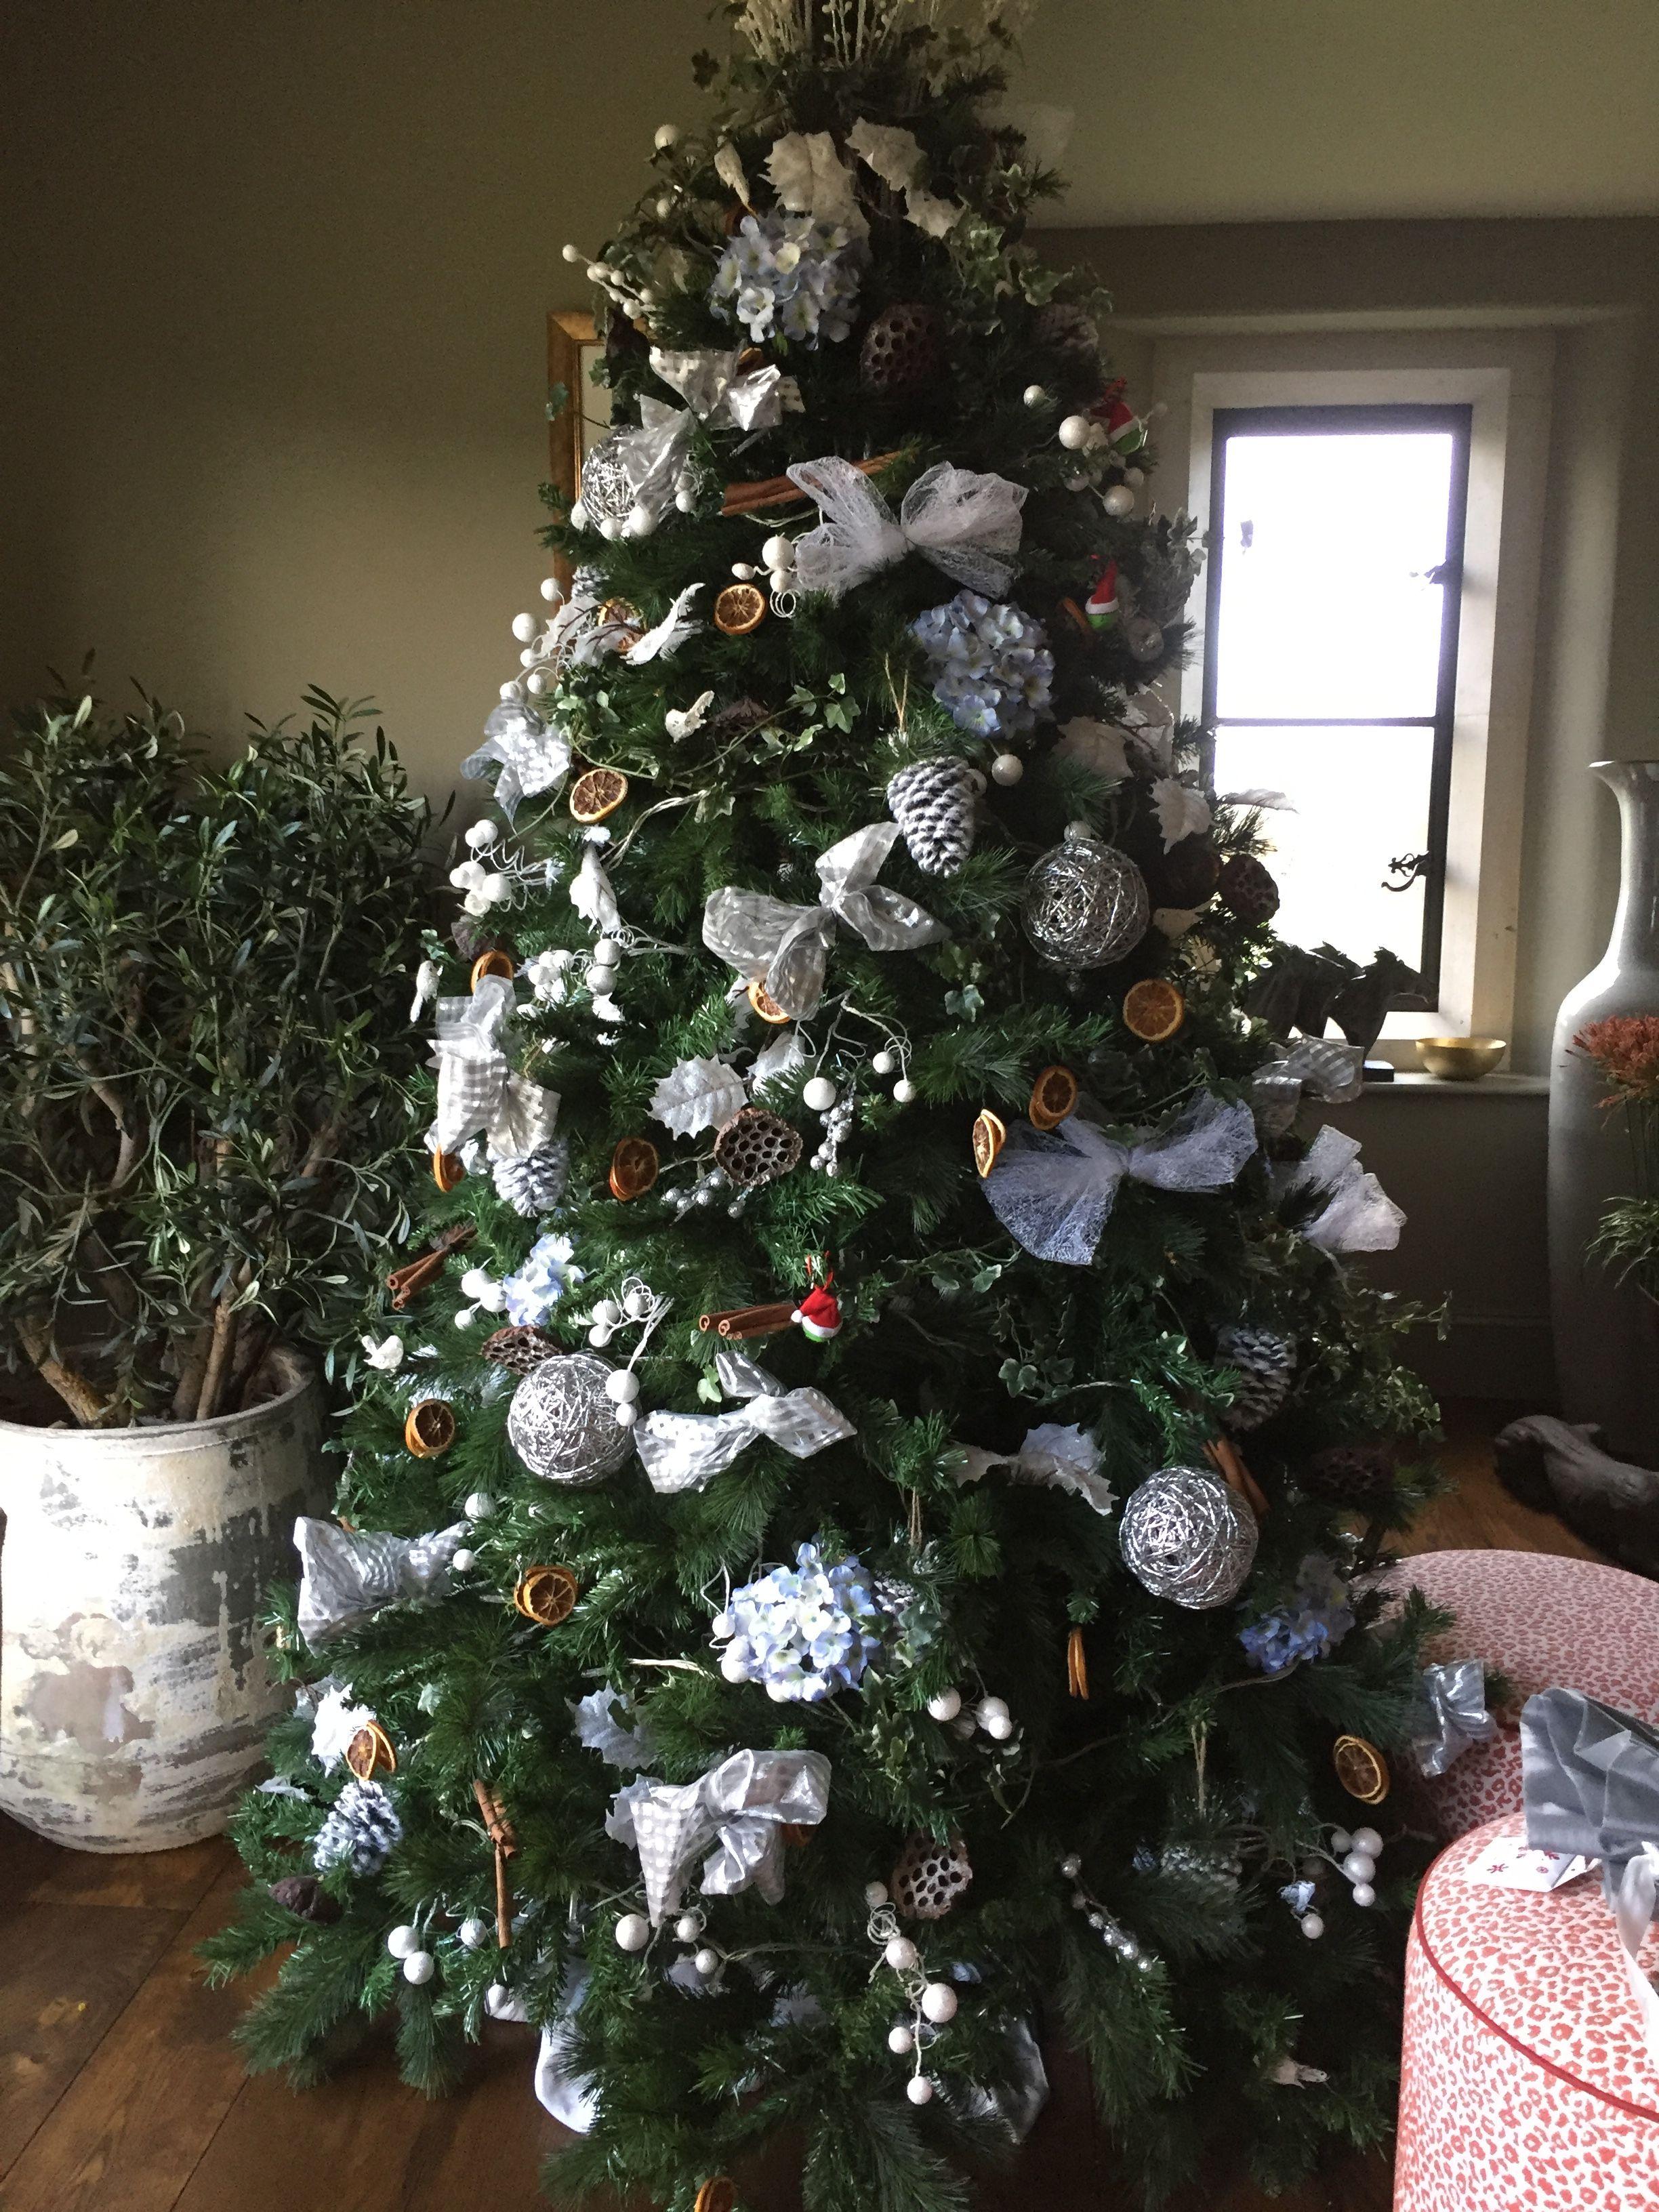 Whites And Orange Slices Christmas Tree By Www Anyabankschristmasdecorator Co Uk Holiday Decor Christmas Tree Christmas Decorations